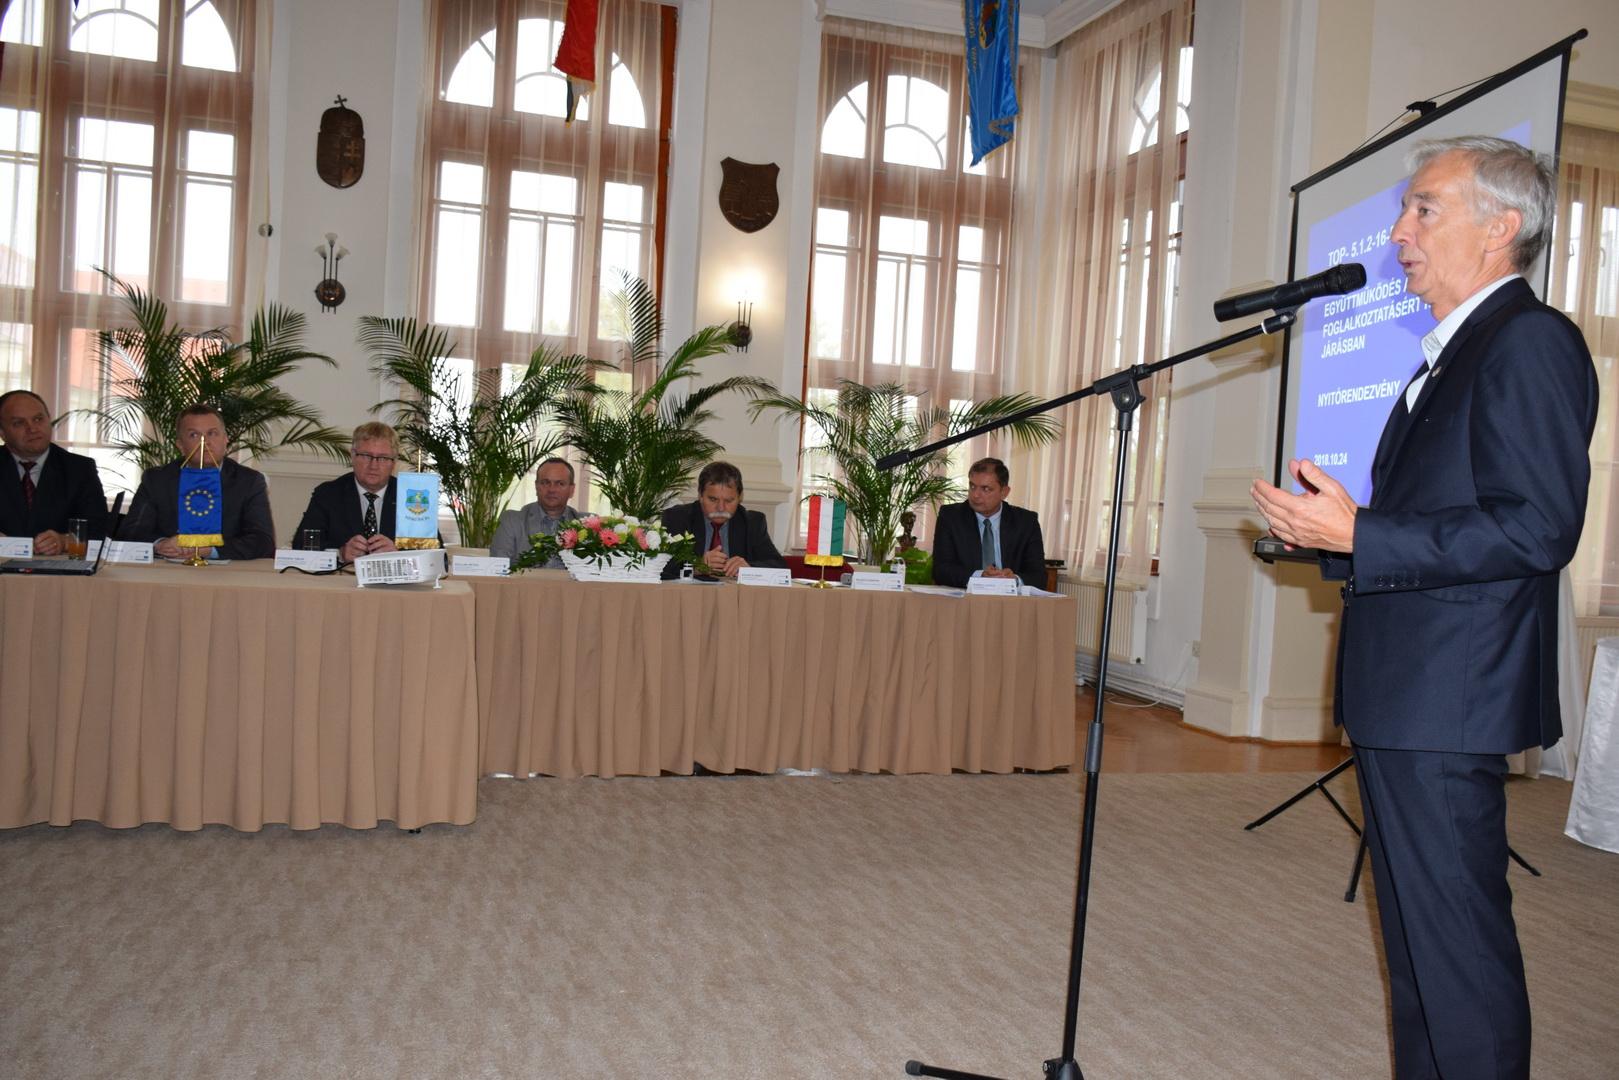 Együttműködés a helyben foglalkoztatásért Kiskőrös járásban - nyitórendezvény